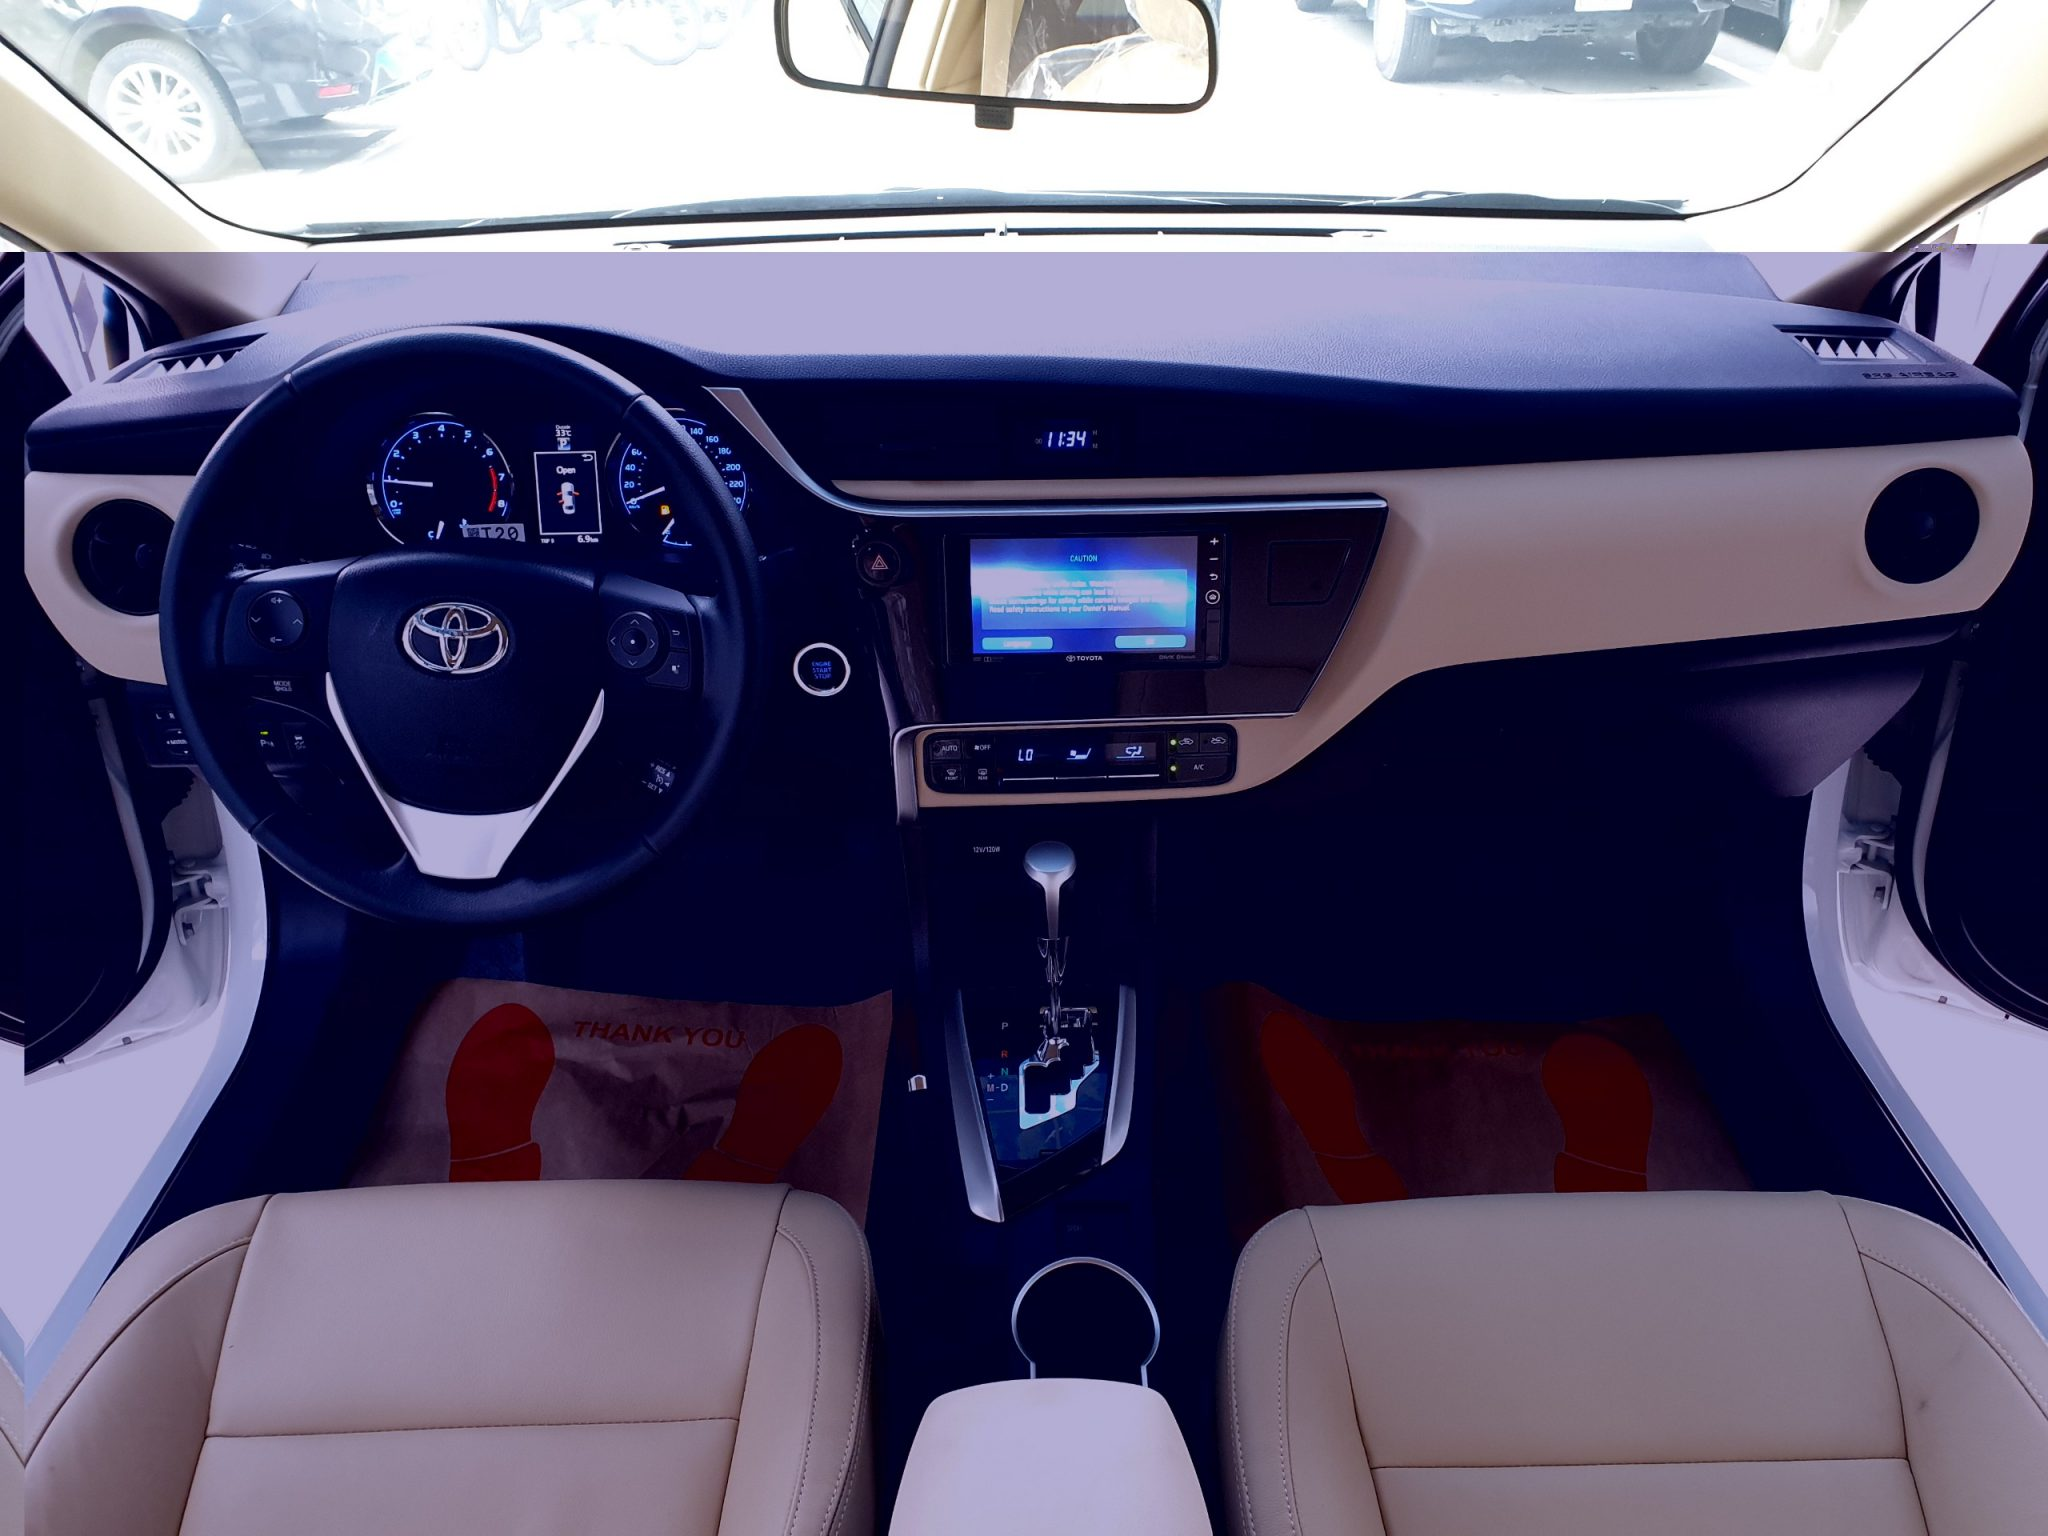 Altis 1.8 G CVT ảnh 16 - Altis 1.8 G CVT [hienthinam]: khuyến mãi và giá xe cập nhật mới